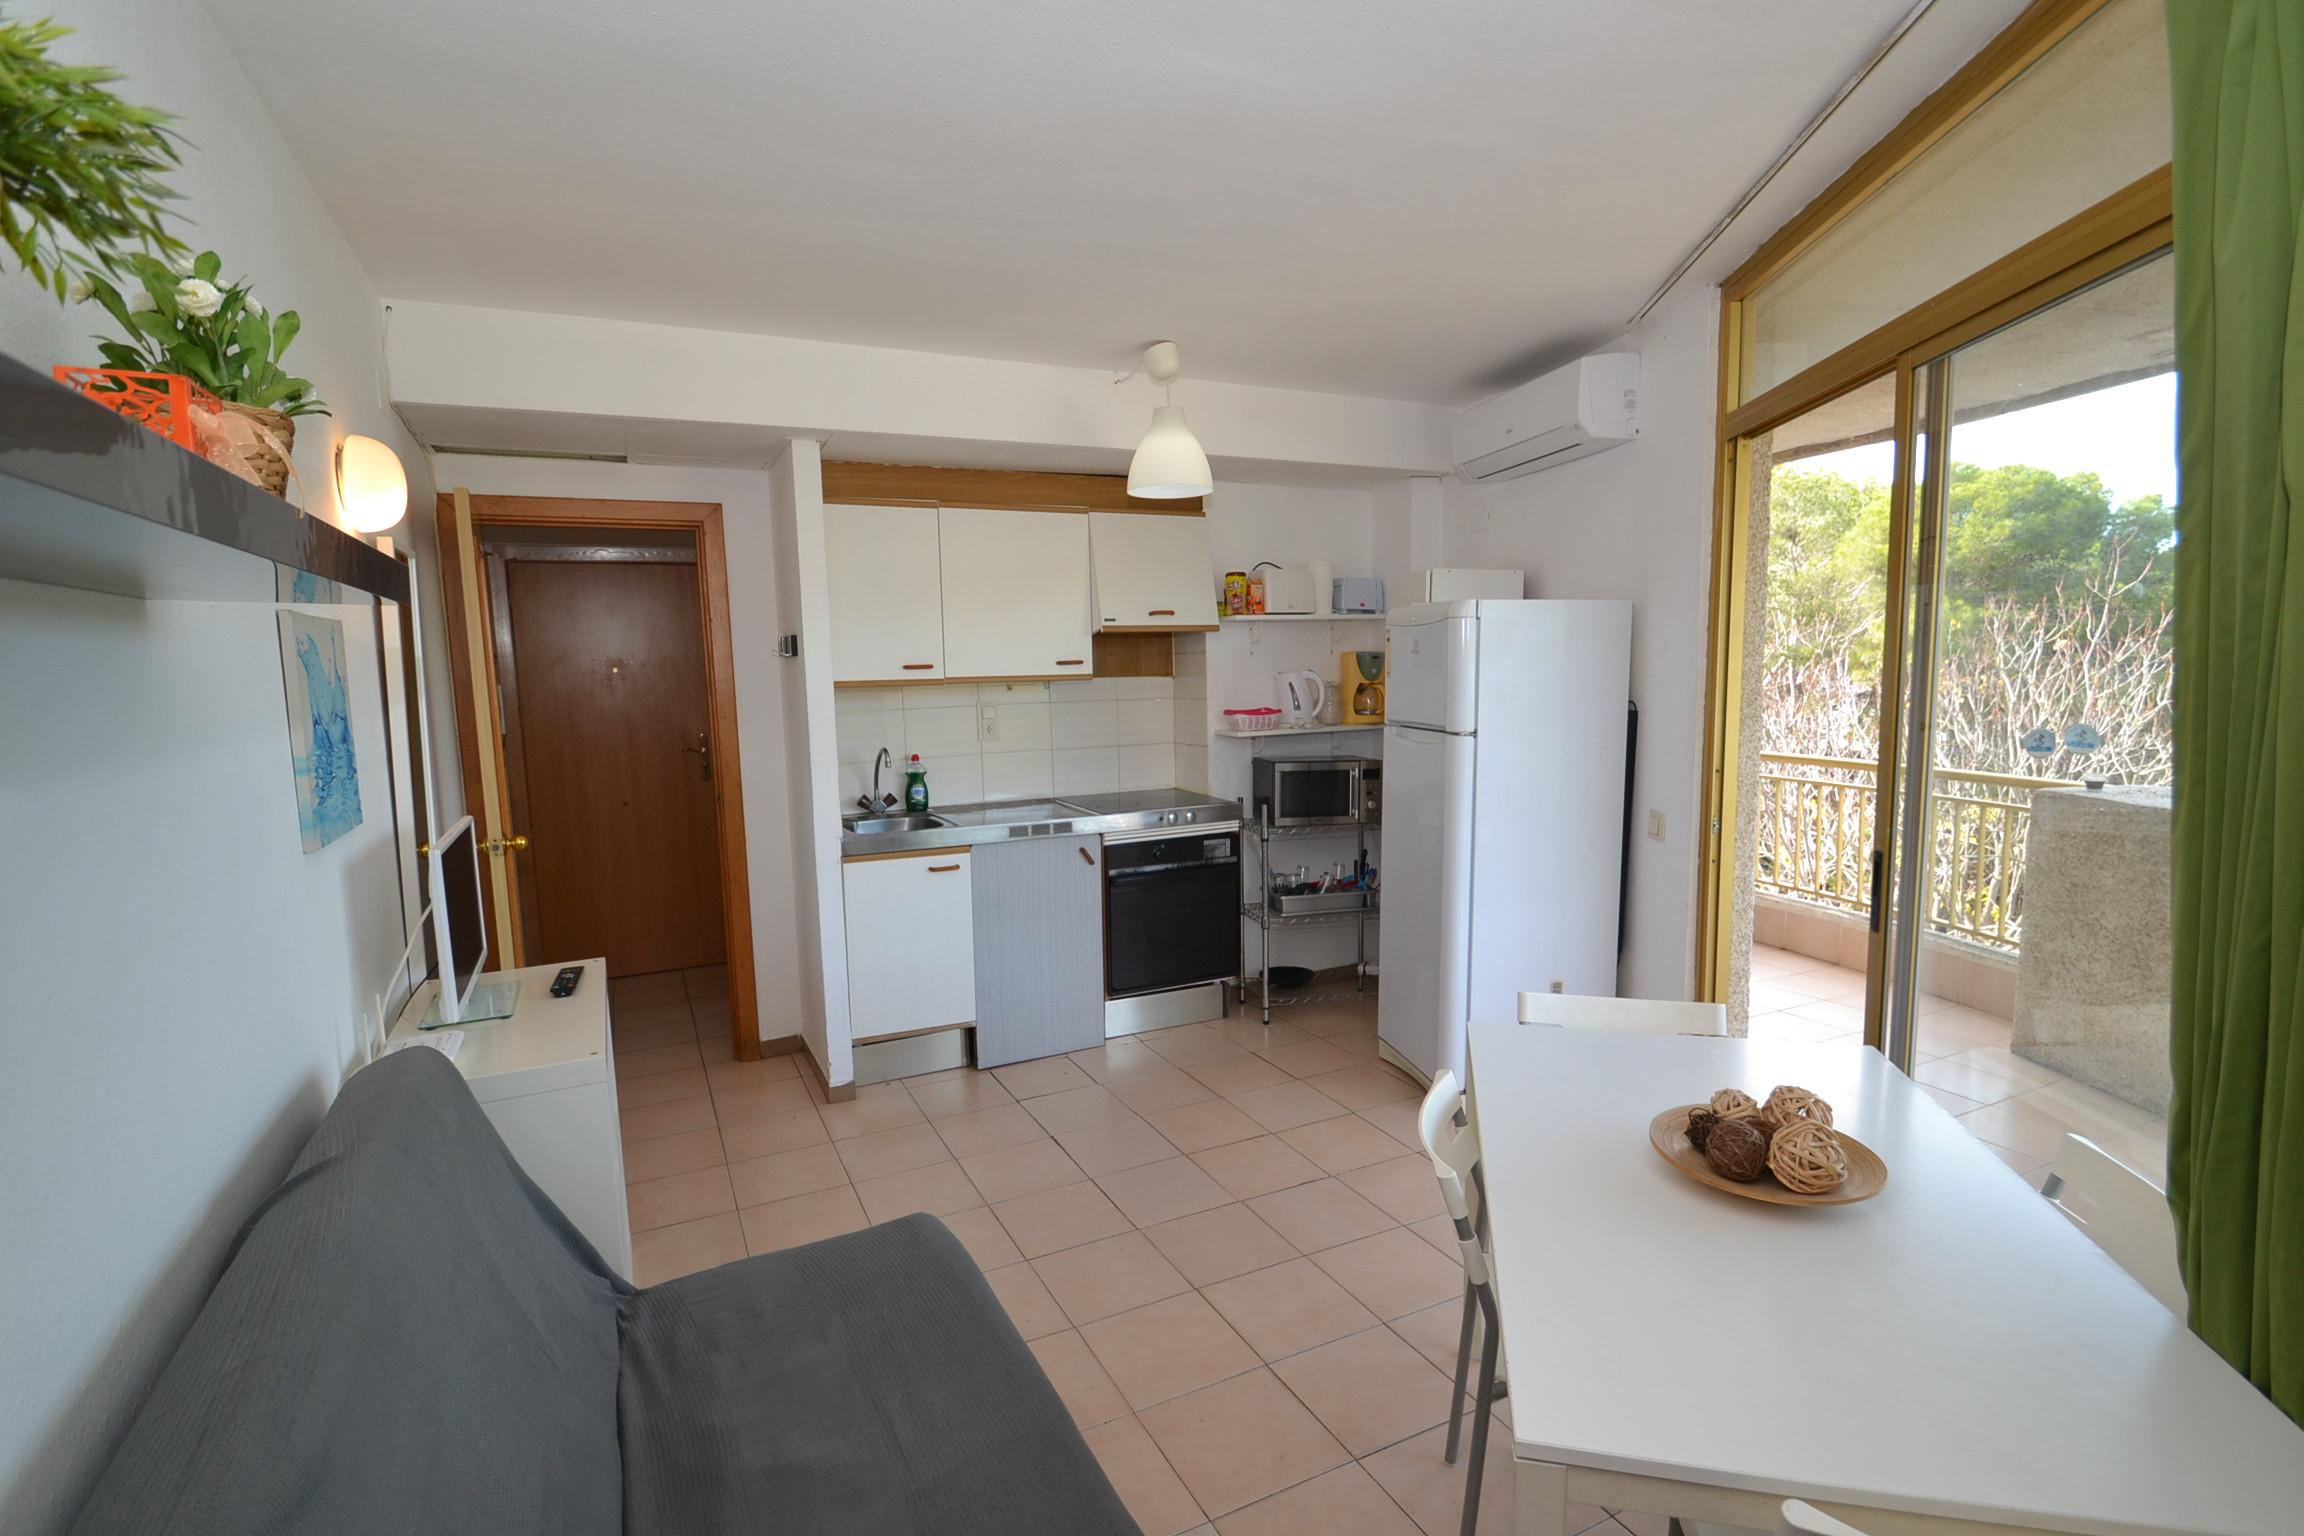 Apartamentos en salou catalunya 44 - Casas en salou ...